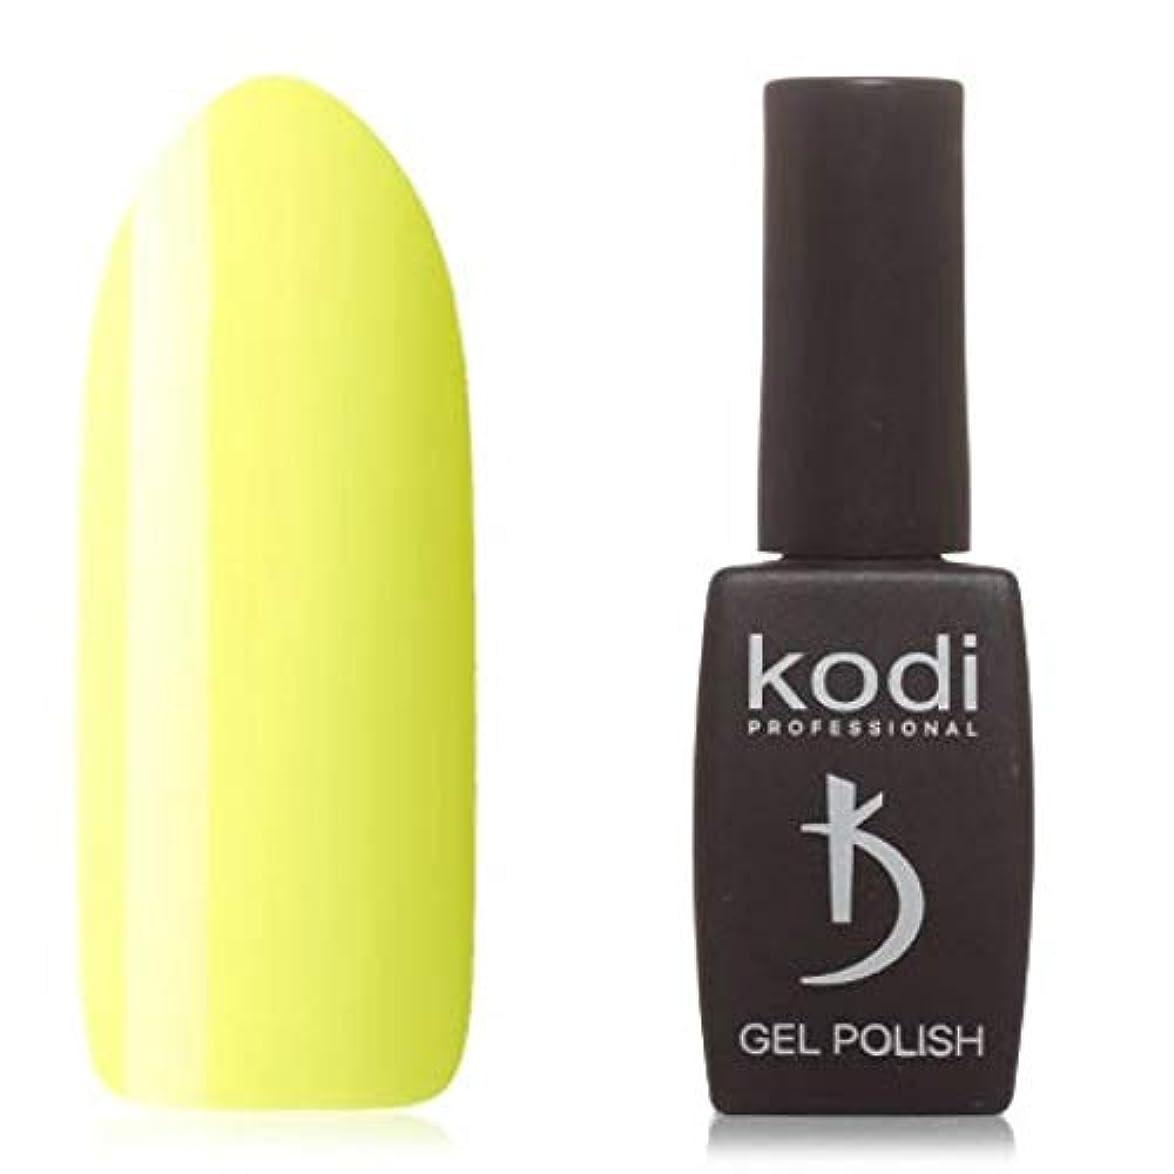 決しての間に酔っ払いKodi Professional New Collection BR BRIGHT #110 Color Gel Nail Polish 12ml 0.42 Fl Oz LED UV Genuine Soak Off